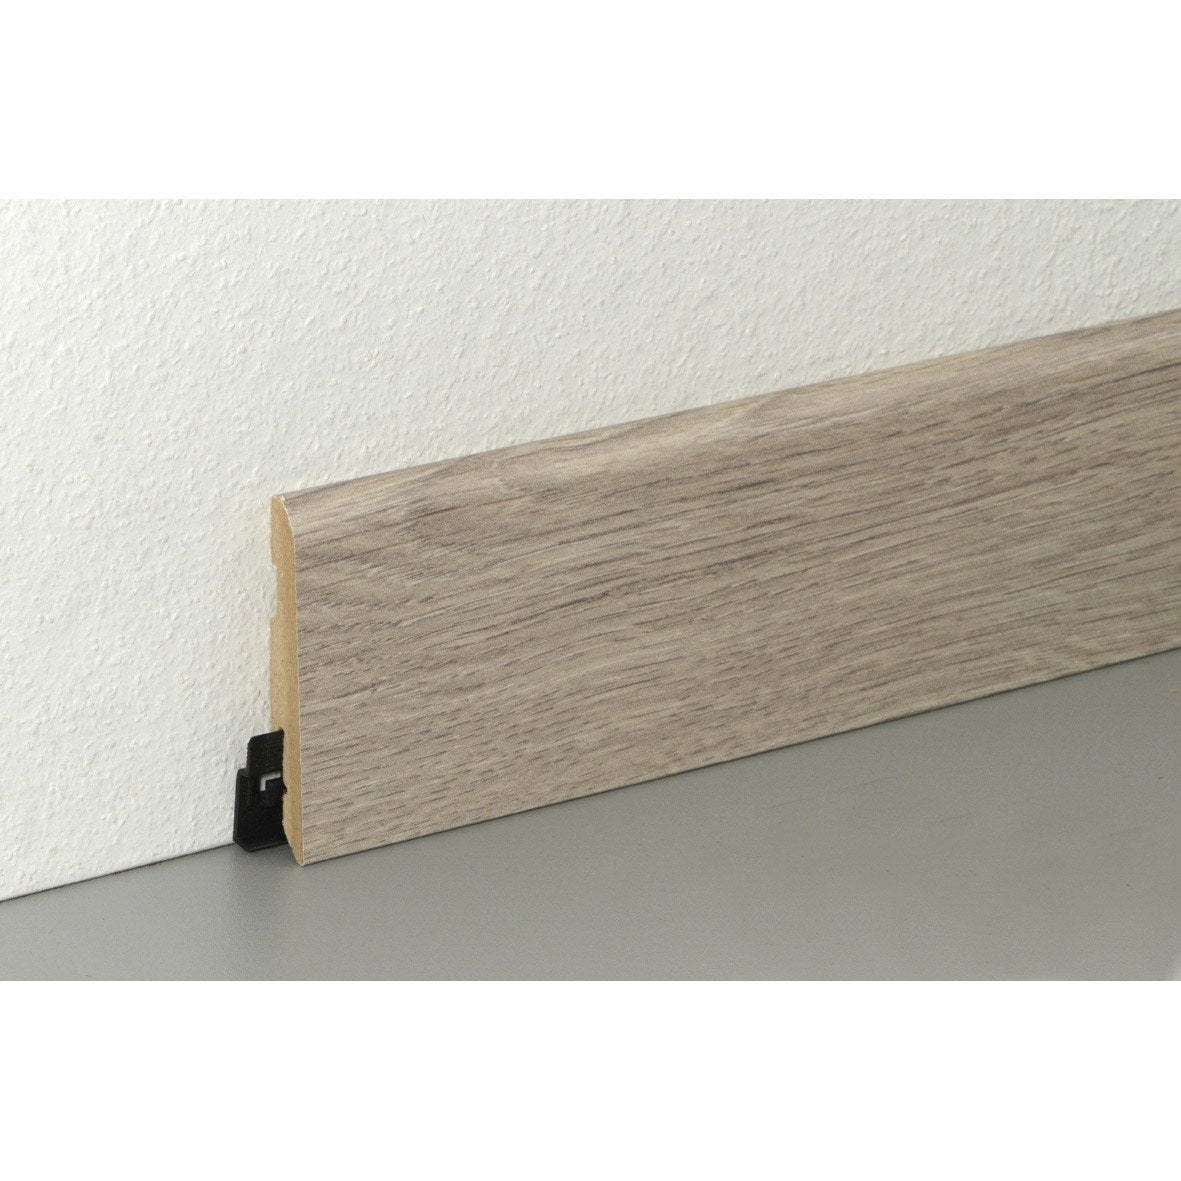 Plinthe sol stratifi d cor n 50 cm x x for Peinture pour parquet stratifie